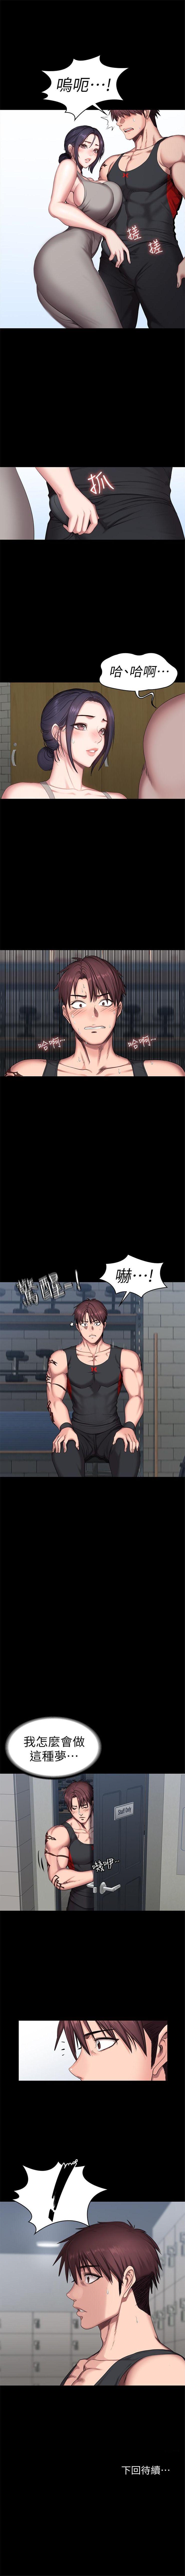 健身教練 1-56 官方中文(連載中) 317